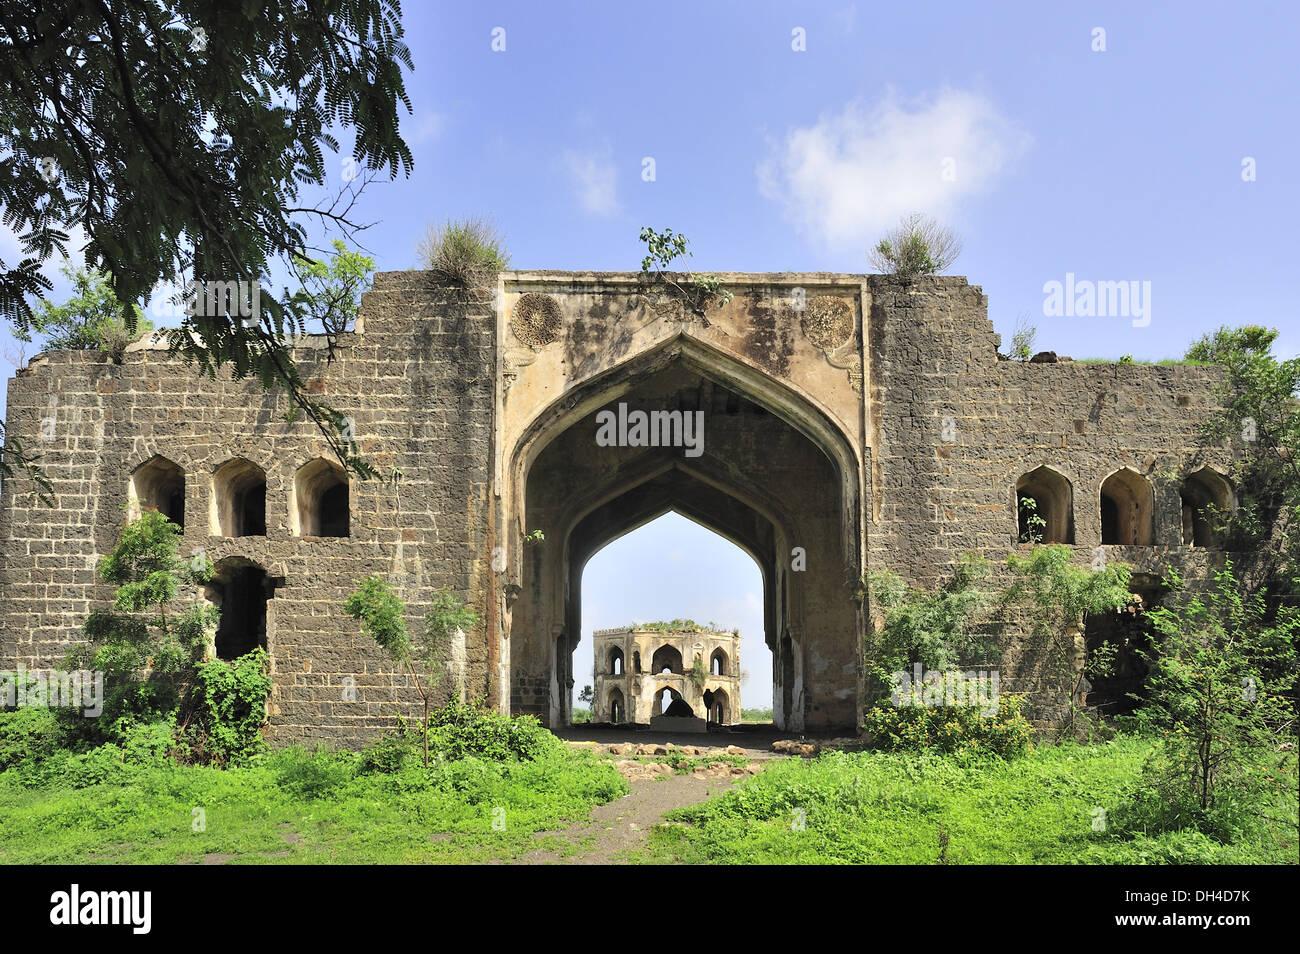 chand bibi Chand bibi tomb aka chand bibi mahal (sonewadi), is located around 15 km  away from swastik chowk pune bus stand in ahmednagar.